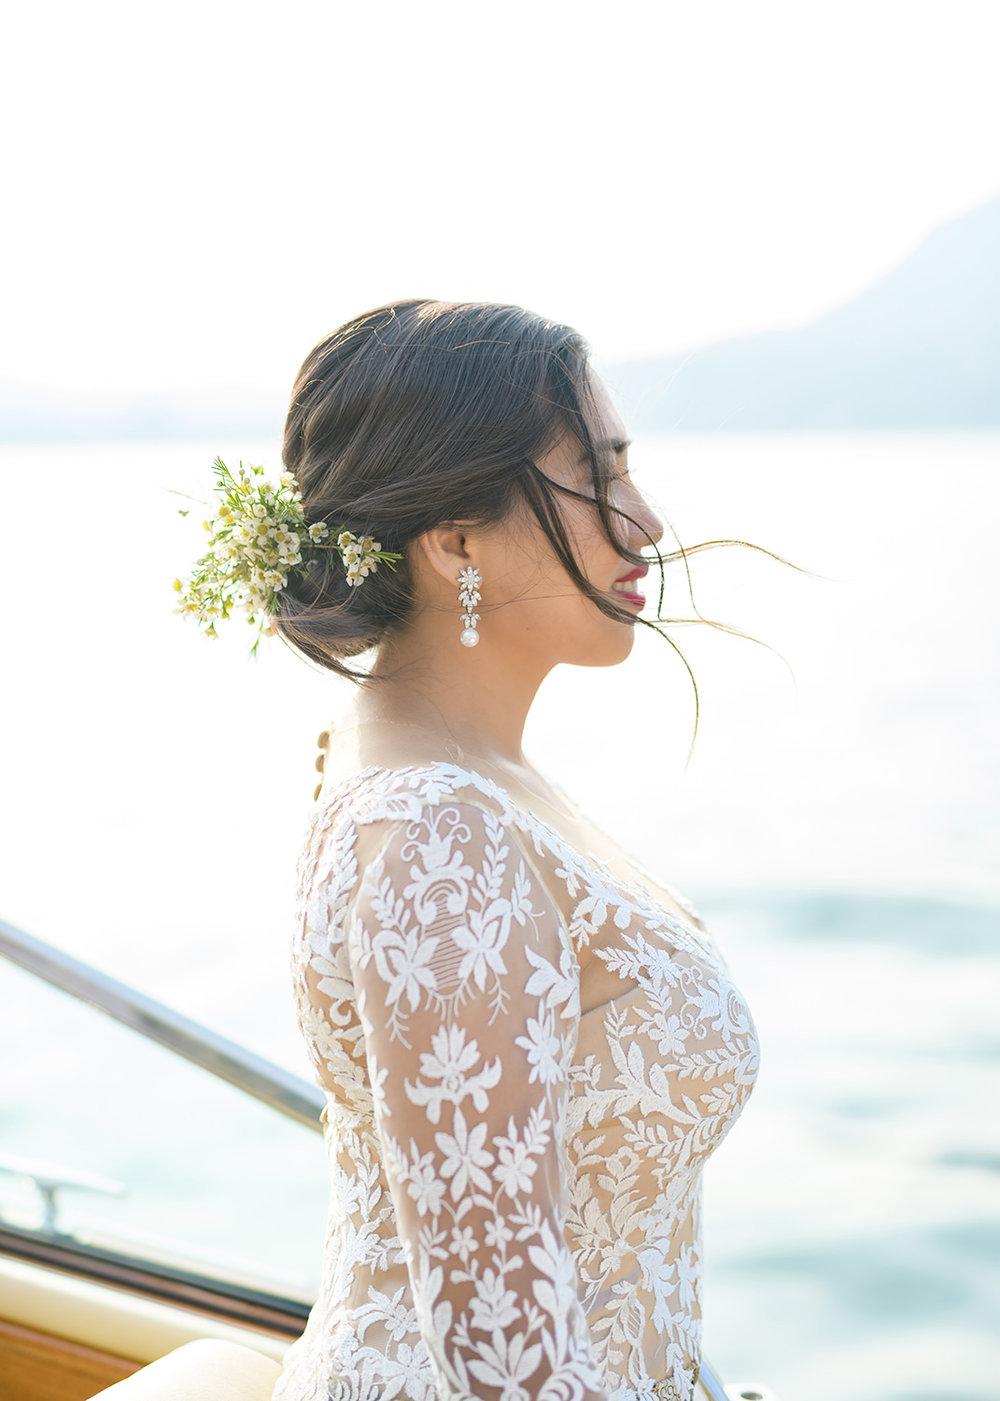 villa-pizzo-wedding-photographer-F&E-©bottega53-10.JPG